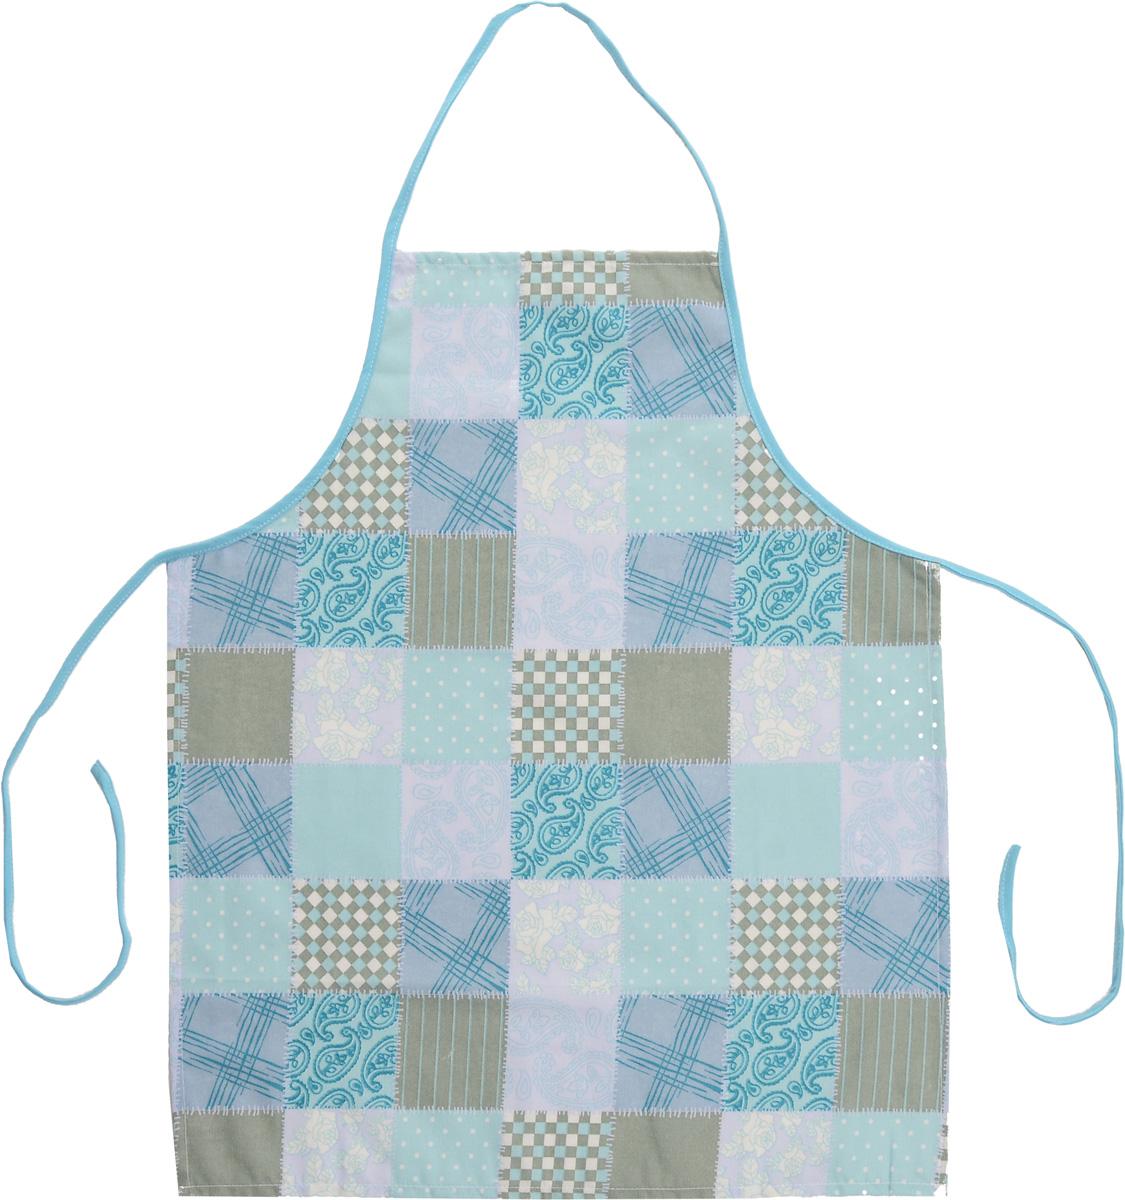 Фартук Bonita Голубика, 56 х 67 смVT-1520(SR)Фартук Bonita Голубика изготовлен из натурального хлопка с покрытием, которое отталкивает грязь, воду и масло. Фартук оснащен завязками. Имеет универсальный размер. Декорирован красивым узором, который понравится любой хозяйке.Такой фартук поможет вам избежать попадания еды на одежду во время приготовления пищи. Кухня - это сердце дома, где вся семья собирается вместе. Она бережно хранит и поддерживает жизнь домашнего очага, который нас согревает. Именно поэтому так важно создать здесь атмосферу, которая не только возбудит аппетит, но и наполнит жизненной энергией. С текстилем Bonita открывается возможность не только каждый день дарить кухне новый облик, но и создавать настоящие кулинарные шедевры. Bonita станет незаменимым помощником и идейным вдохновителем, создающим вкусное настроение на вашей кухне.